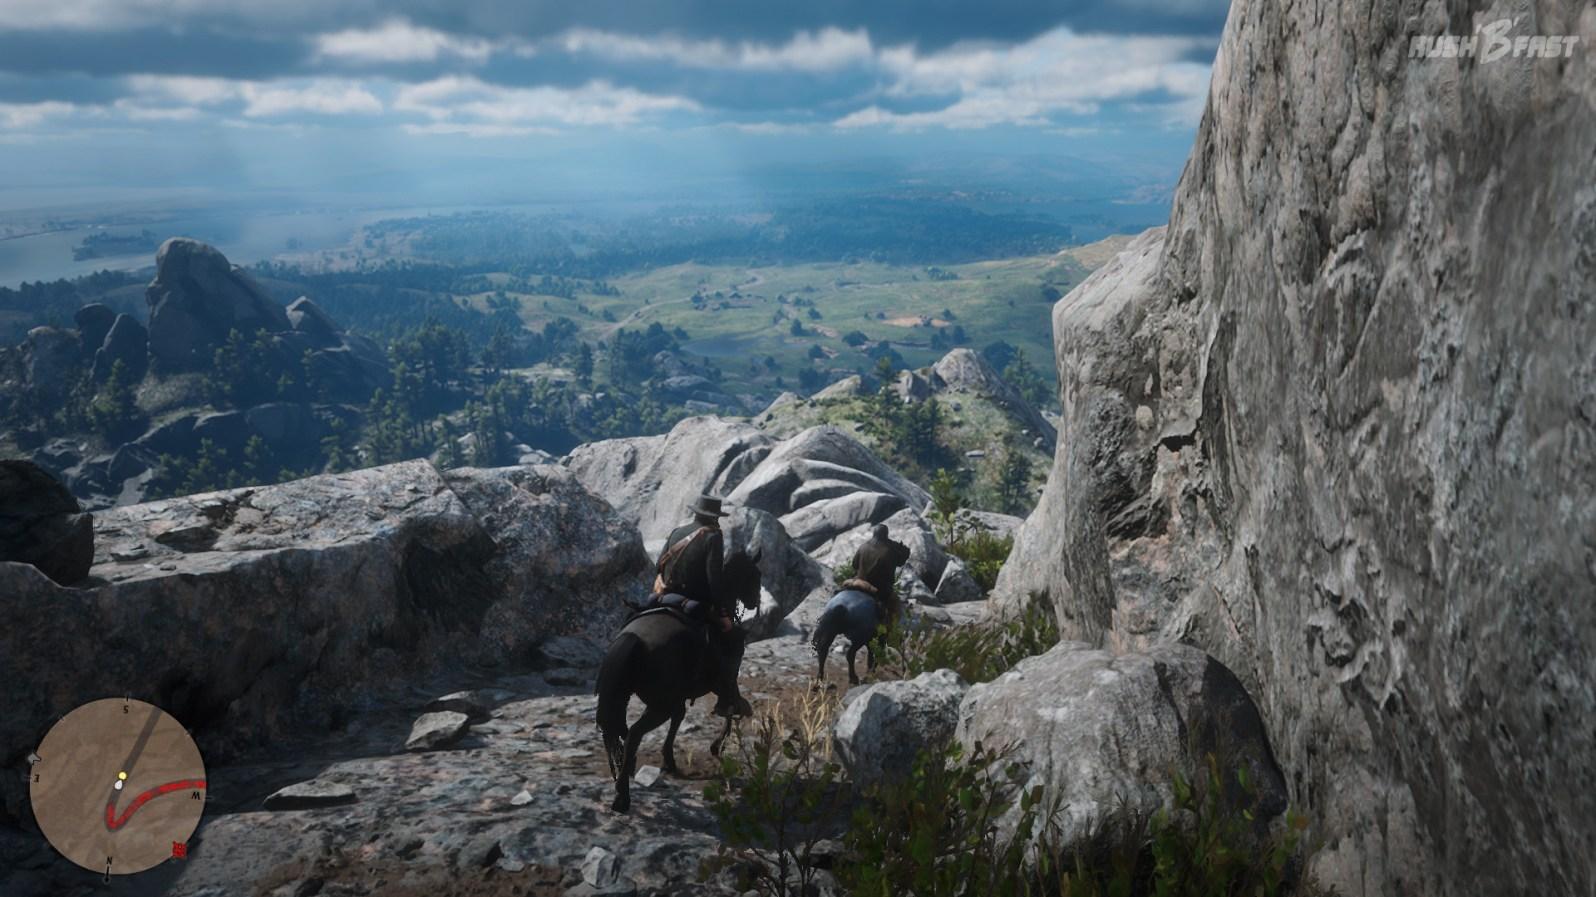 Red Dead Redemption 2: Die Weitsicht in den Bergen ist unglaublich.